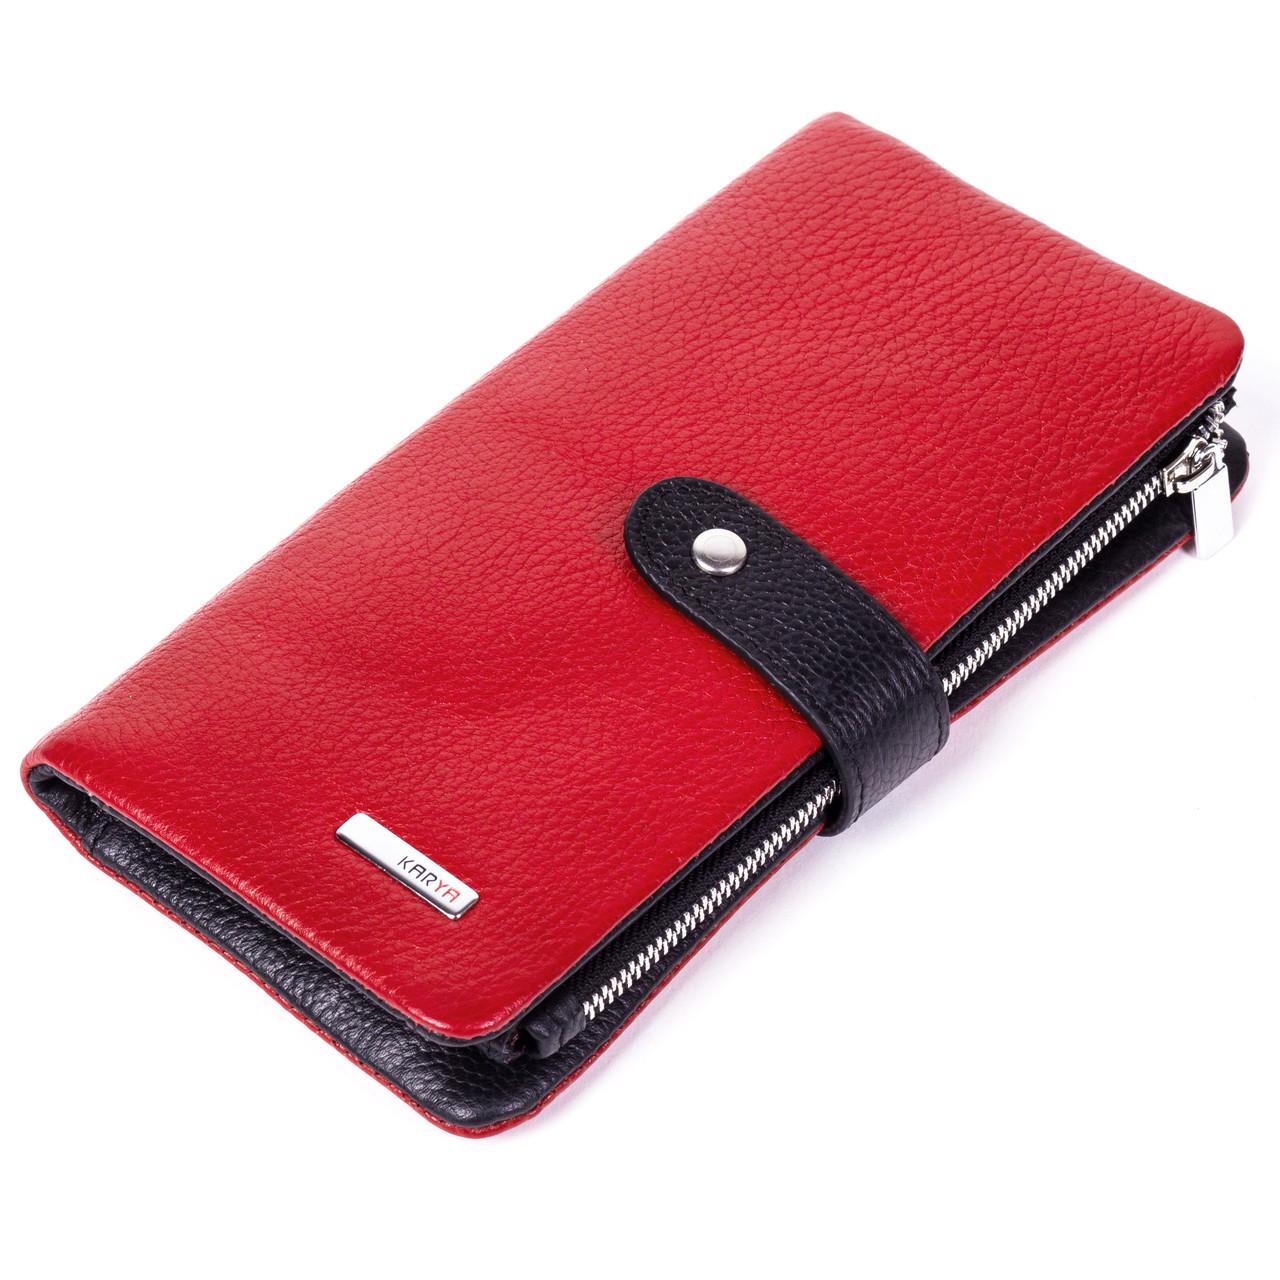 5badfcdd8f3f Кошелек KARYA 1135-46 красный с черным - FainaModa магазин кожаных изделий  в Тернополе